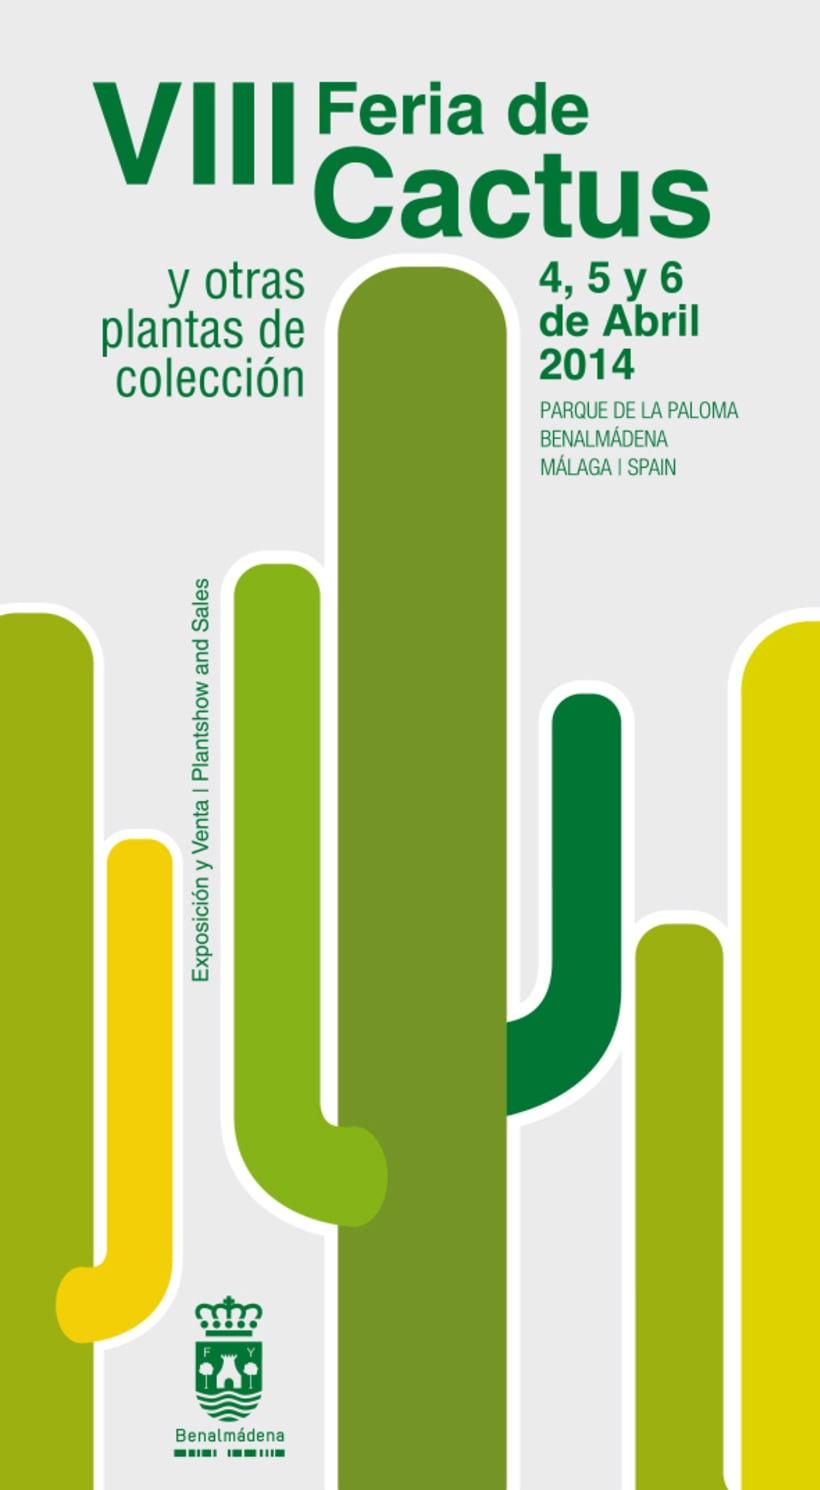 VIII Feria de Cactus 2014 -1